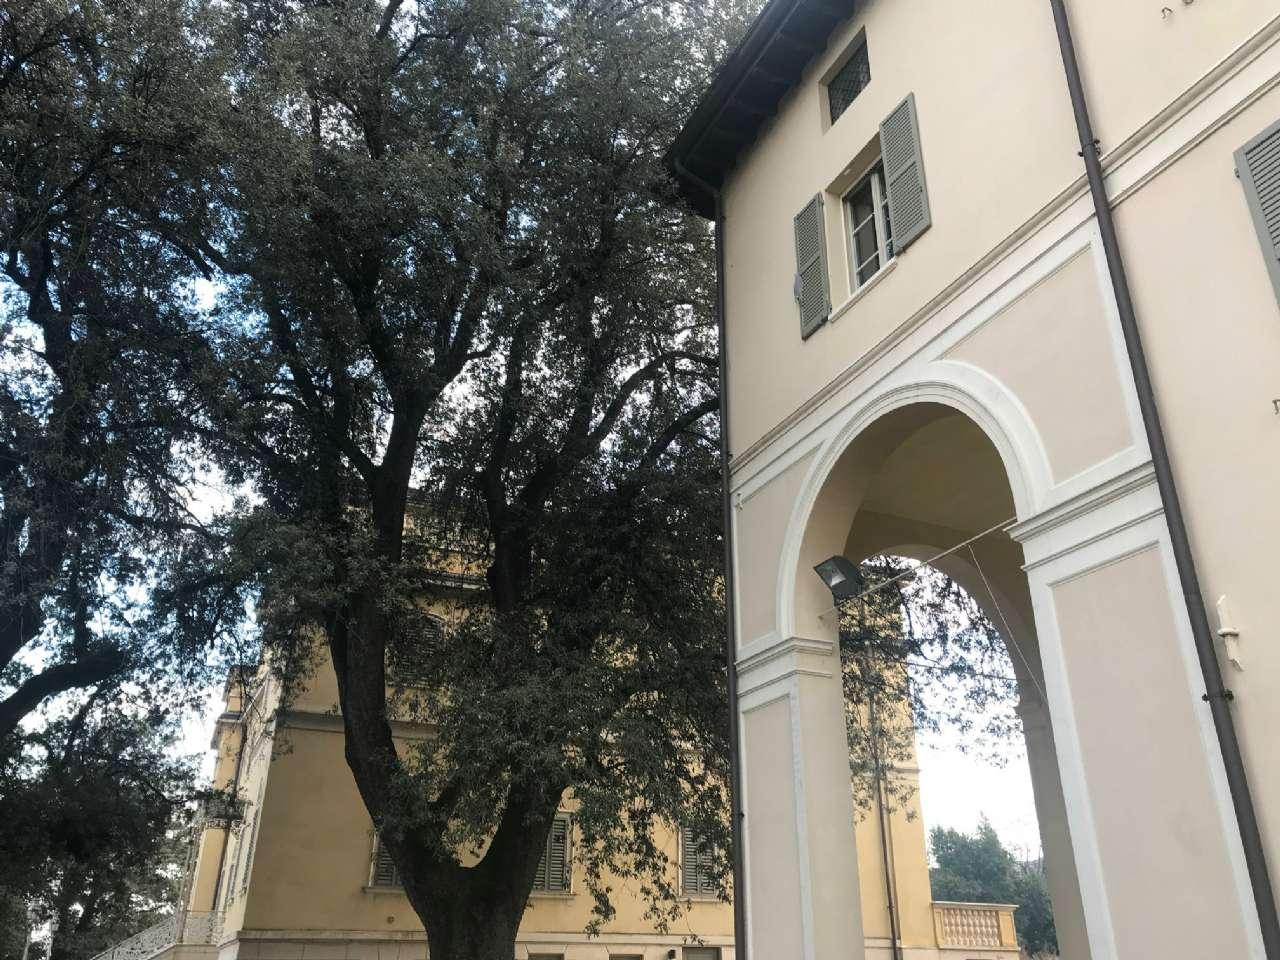 Appartamento in vendita a Casalgrande, 7 locali, prezzo € 366.000 | PortaleAgenzieImmobiliari.it